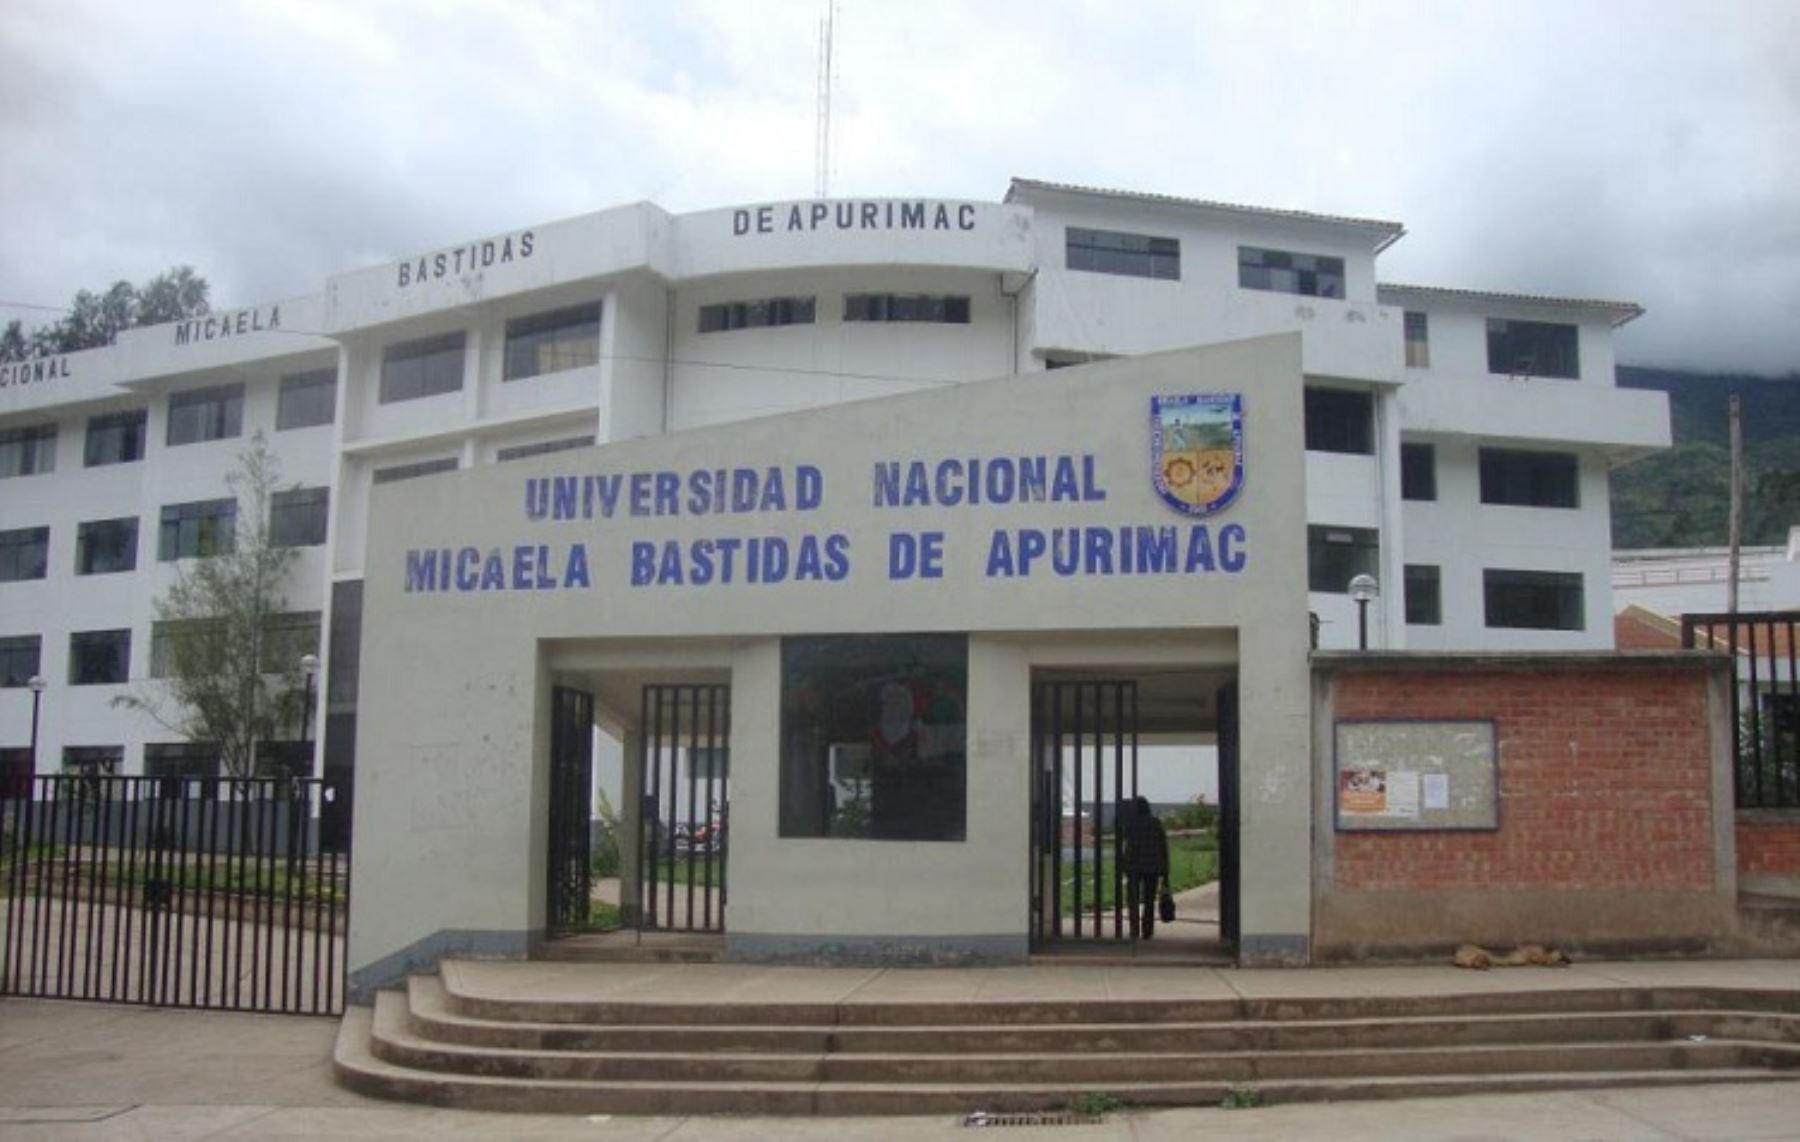 La Superintendencia Nacional de Educación Superior Universitaria (Sunedu) registró la firma a Leonardo Adolfo Prado Cárdenas como rector interino de la Universidad Nacional Micaela Bastidas de Apurímac (Unamba). INTERNET/Medios